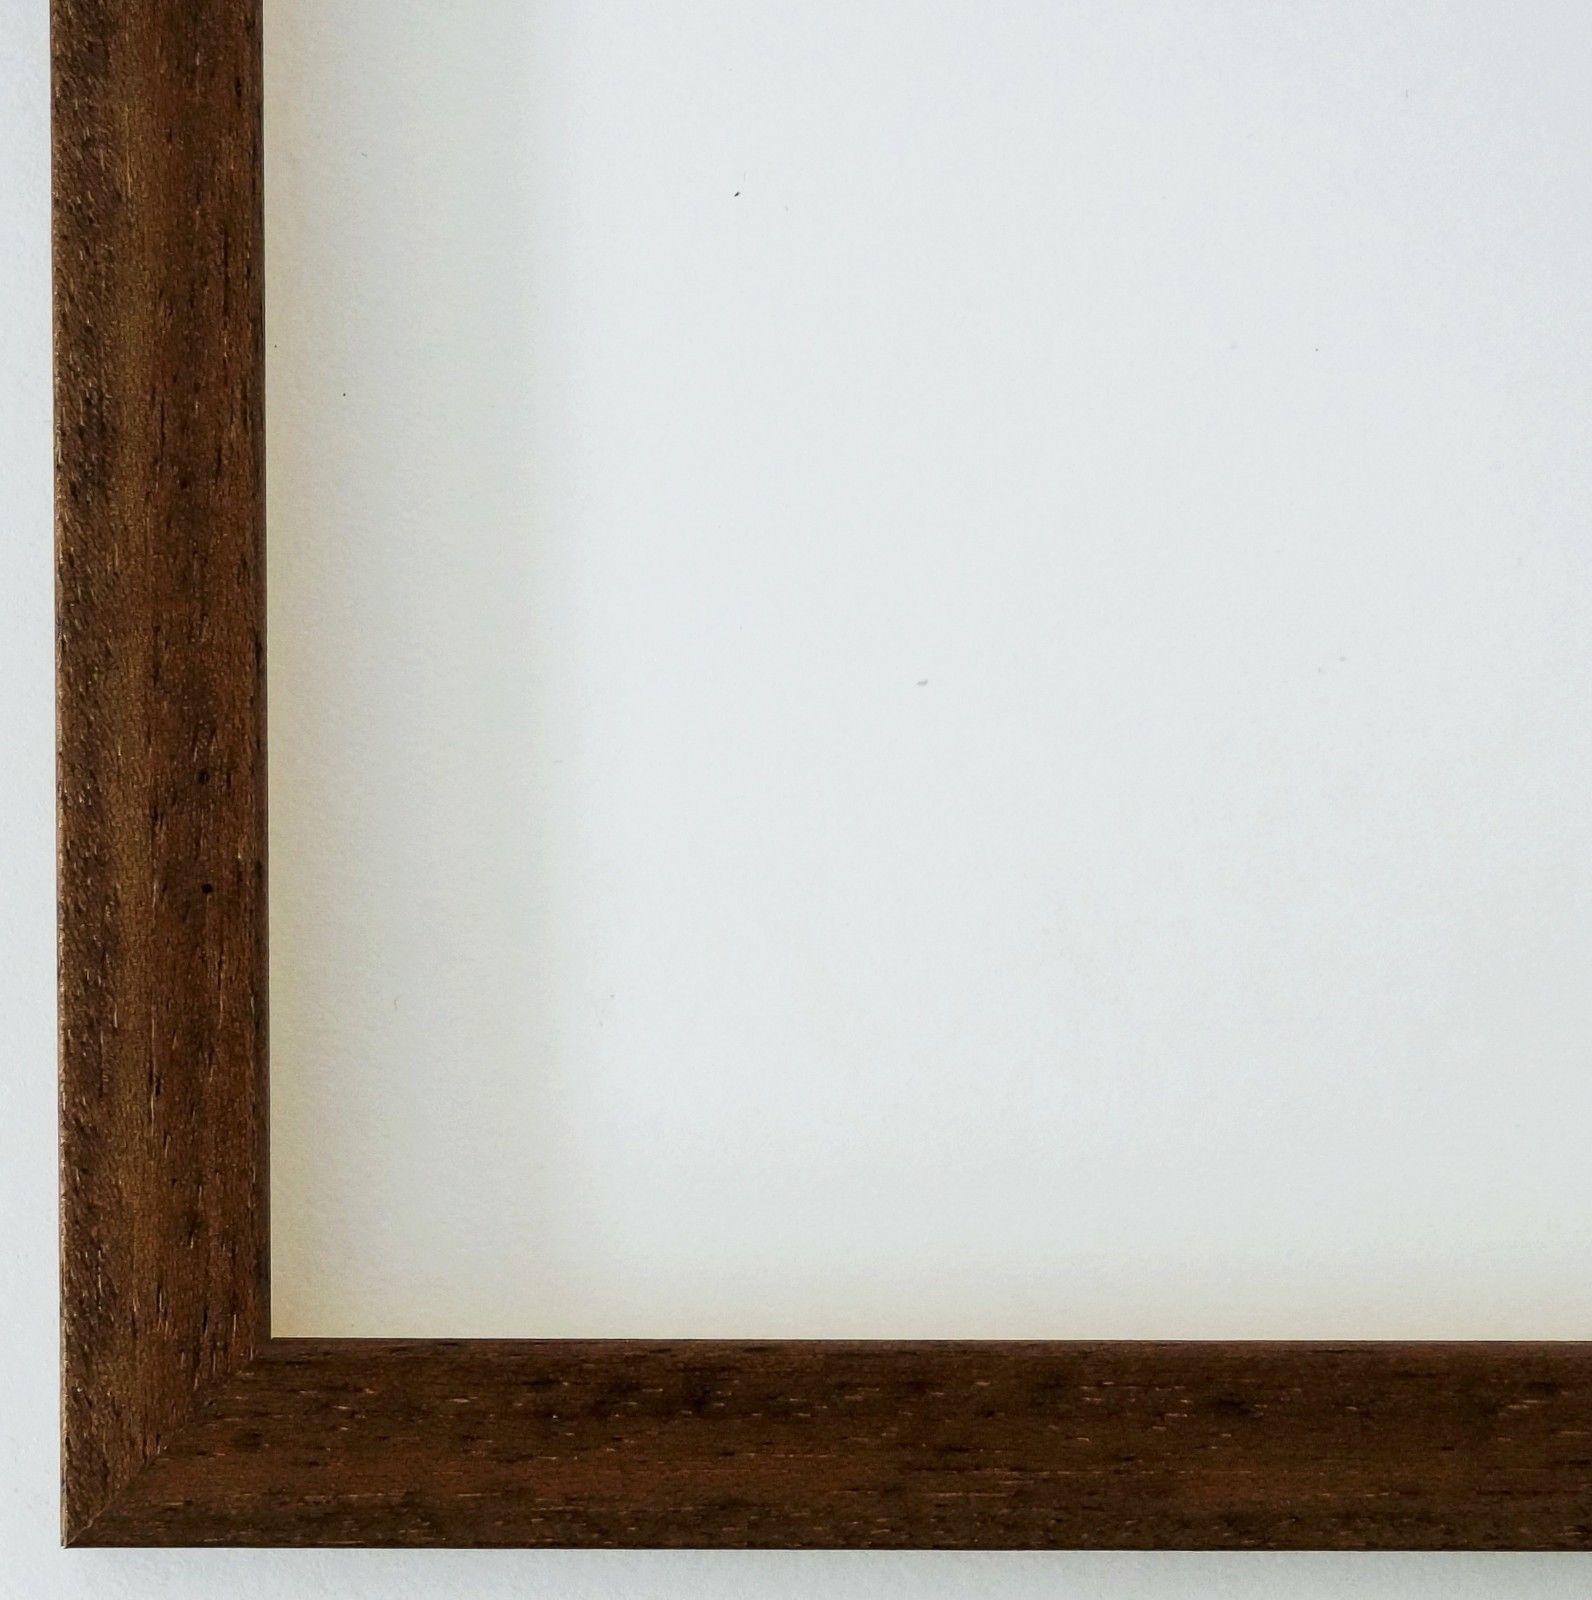 Bilderrahmen Braun Oldenburg - 9x13 10x10 10x15 13x18 15x20 18x24 ...